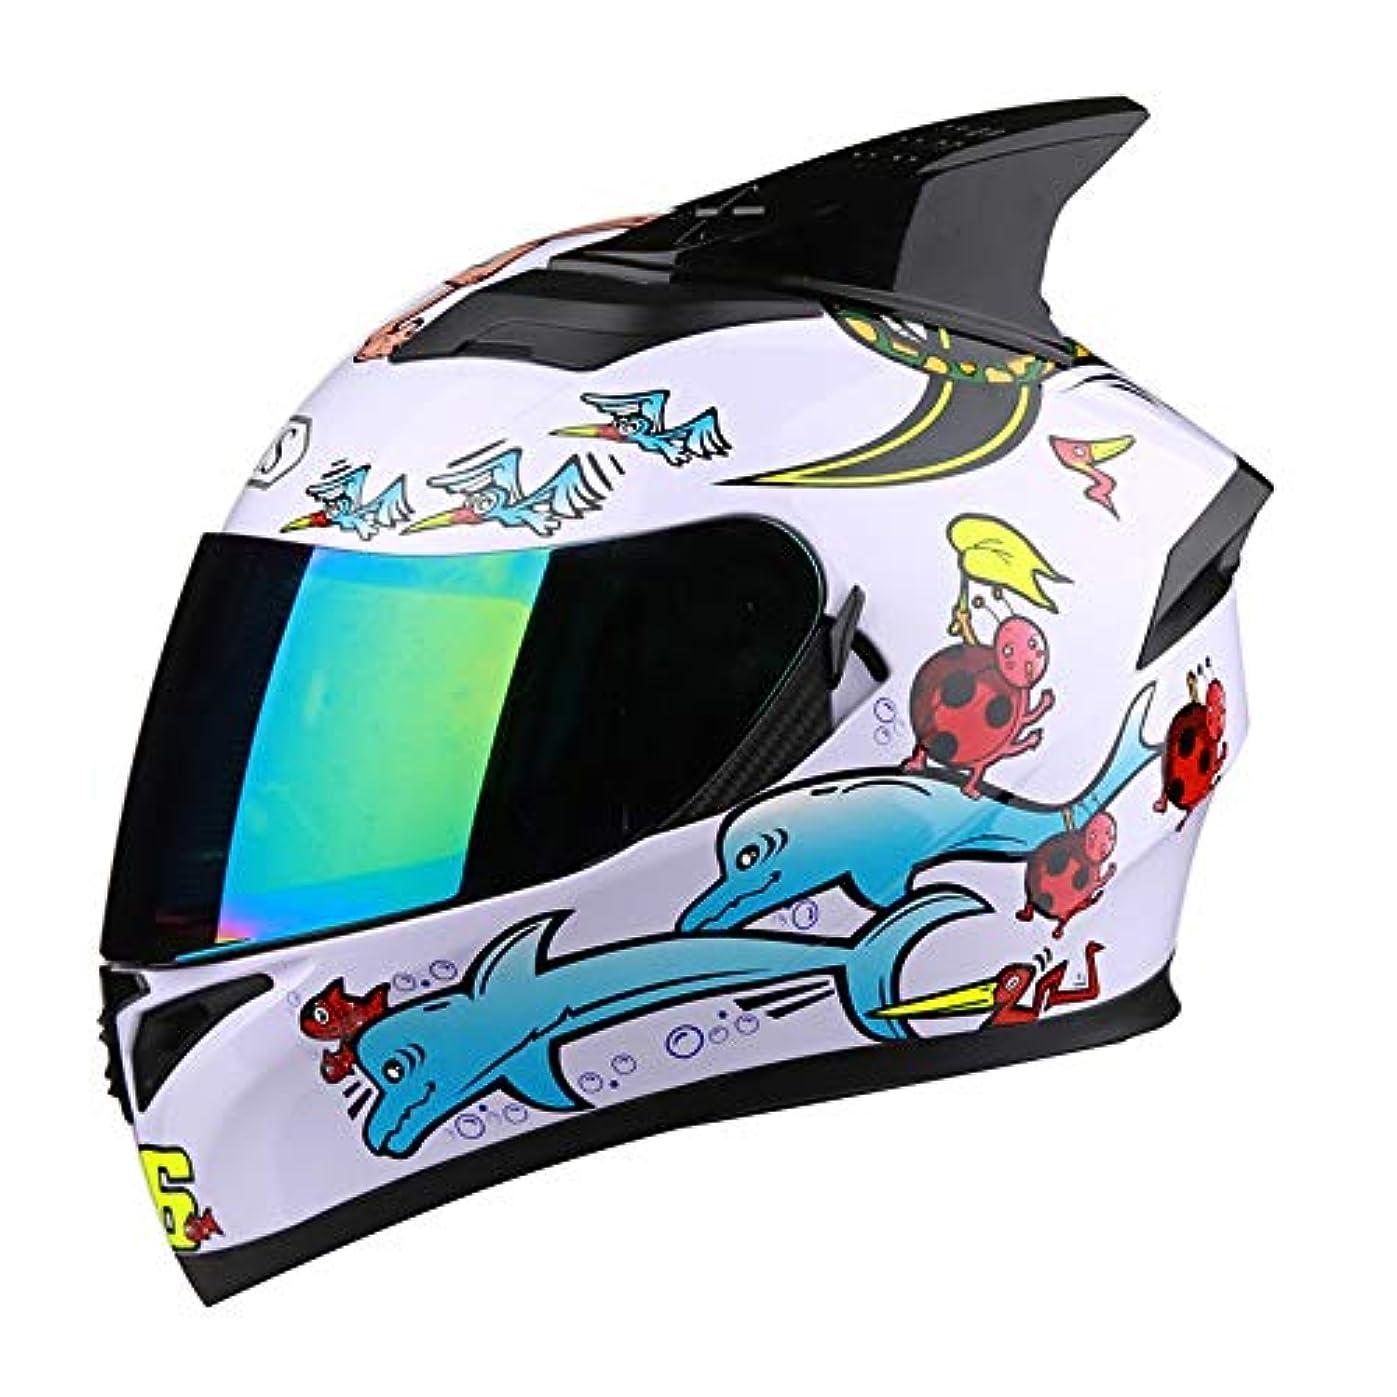 舗装する政治家コーラスSafety オートバイ四季フルヘルメットダブルレンズ人格ファッション安全ヘルメットカラフルなレンズ - 動物柄 (Size : M)